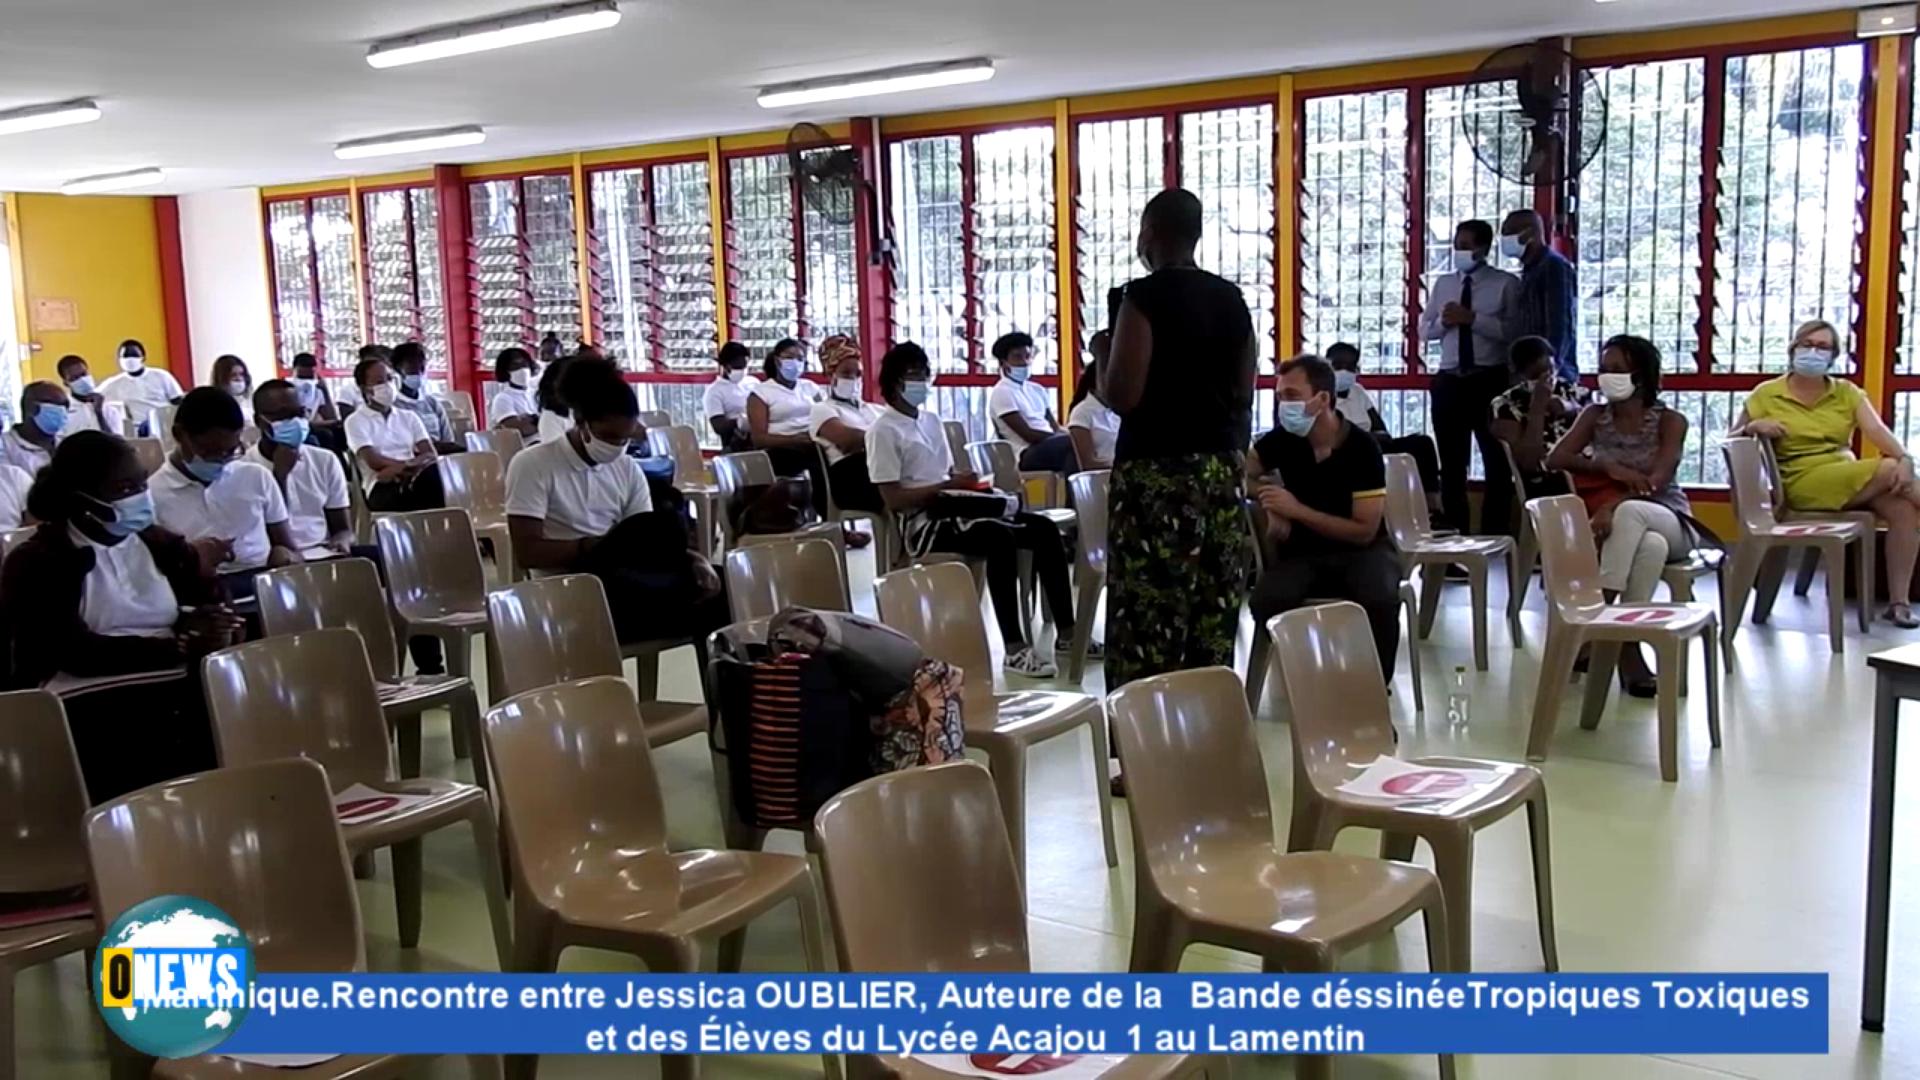 [Vidéo] Onews. Martinique. Jessica OUBLIER Auteure de la Bande dessinée Tropiques toxiques avec des élèves du Lycée Acajou1 au Lamentin